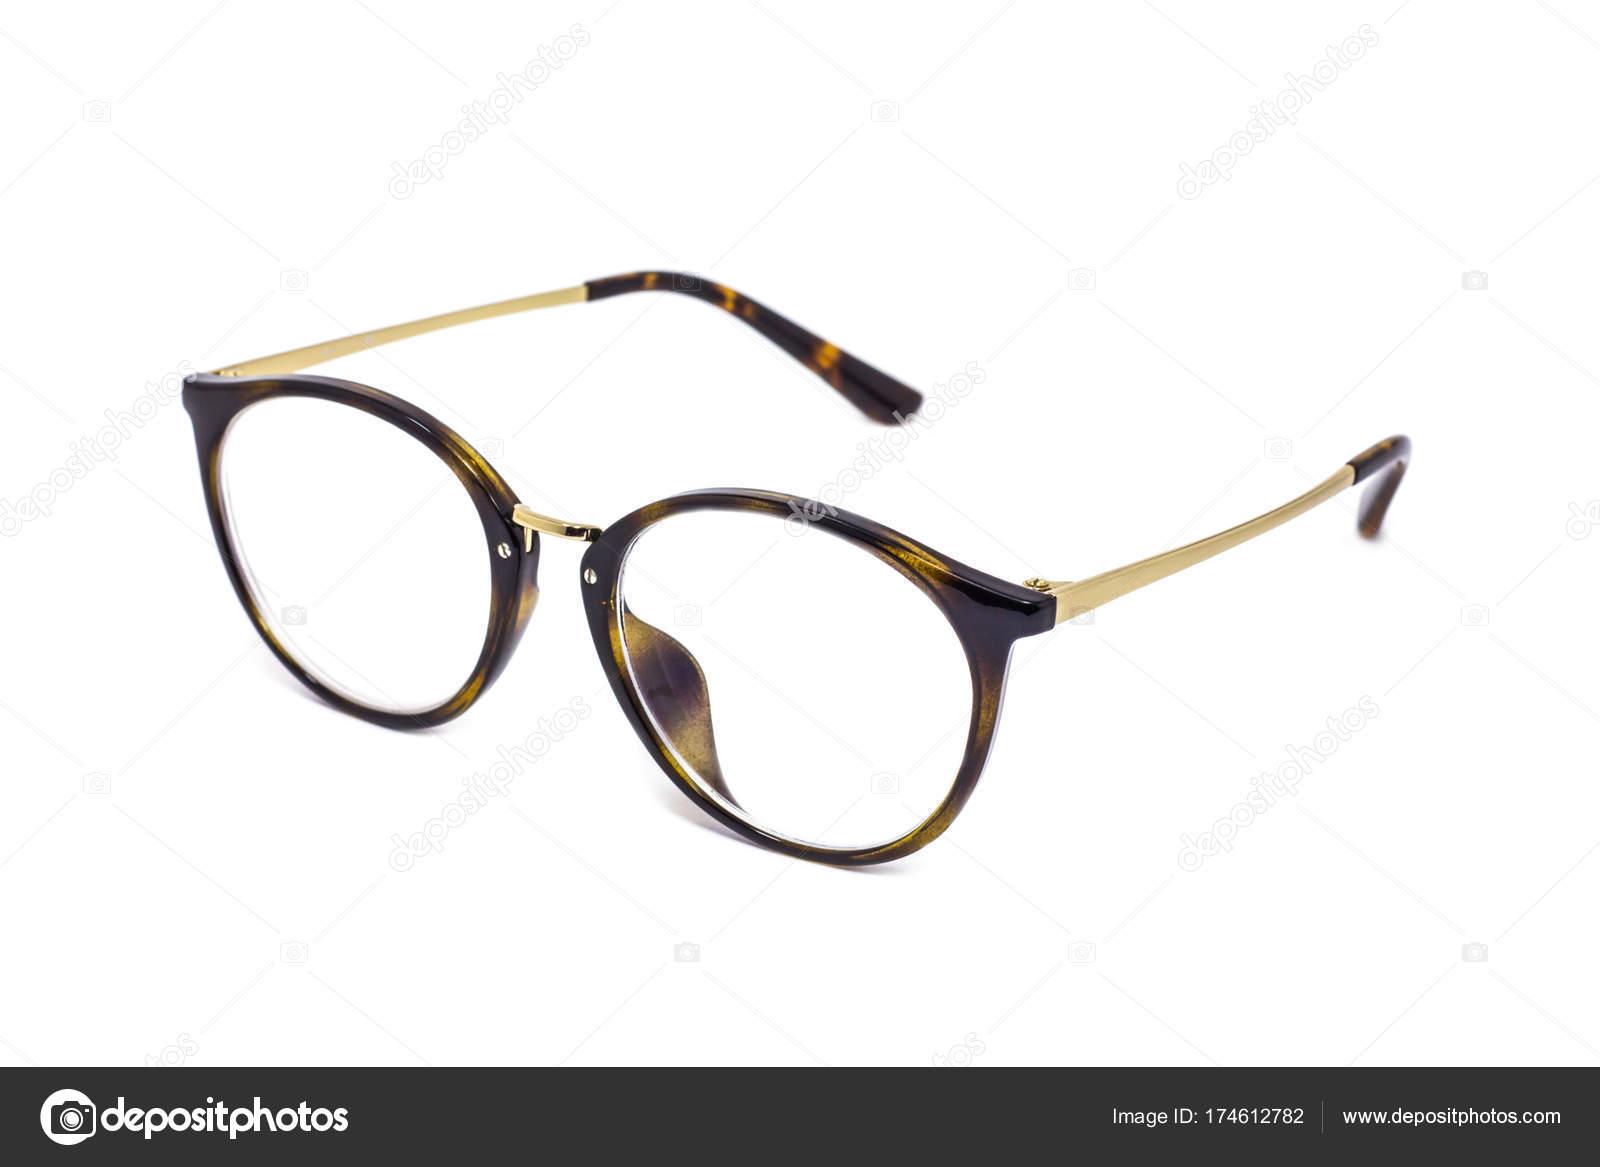 fa1aa67ffef60b Vintage Brille isoliert auf weißem Hintergrund — Stockfoto ...